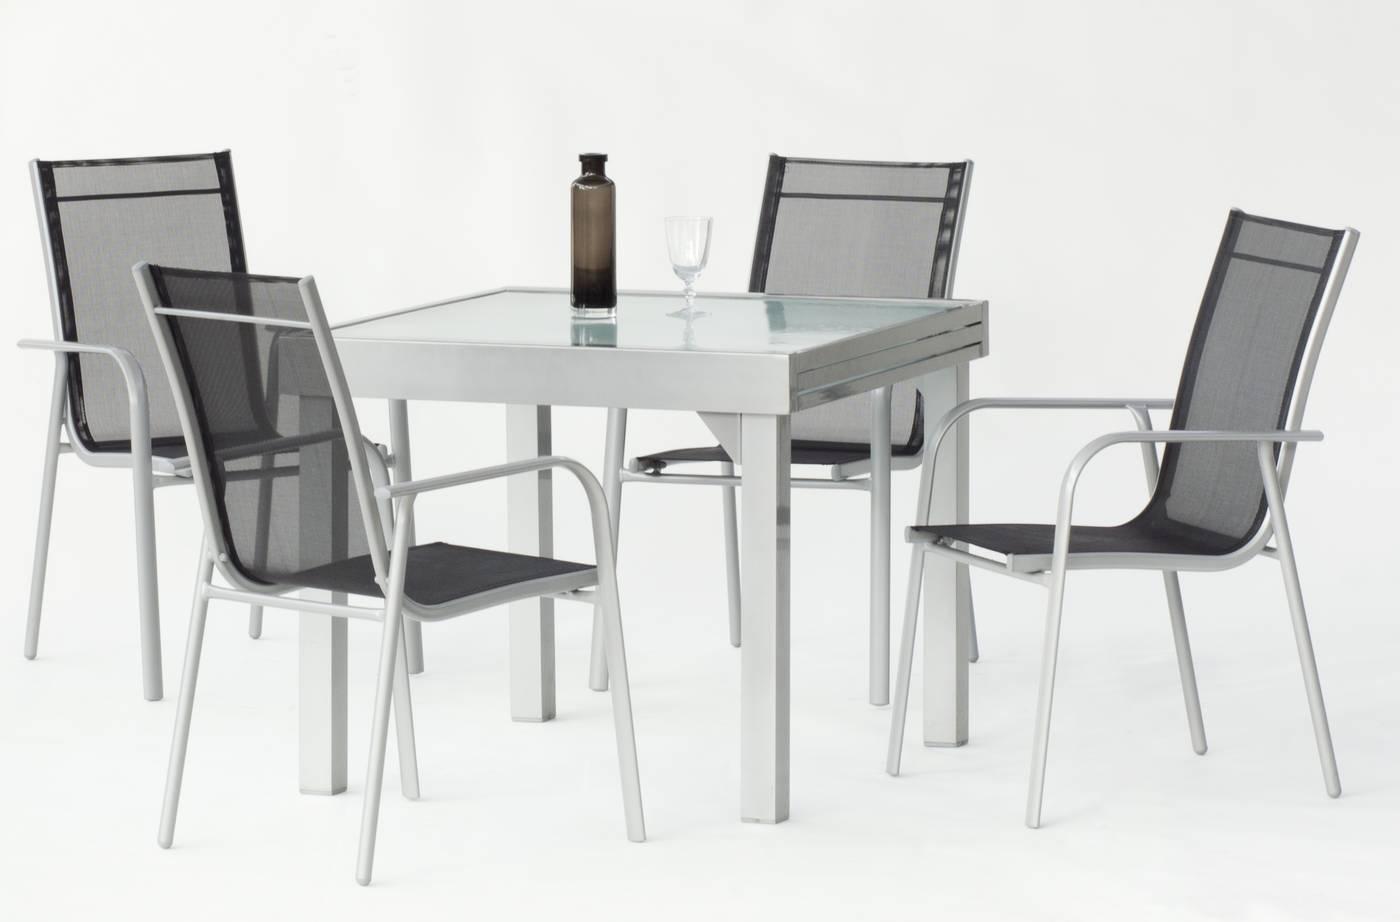 Muebles de terraza y jard n de aluminio online muebles for Muebles exterior online